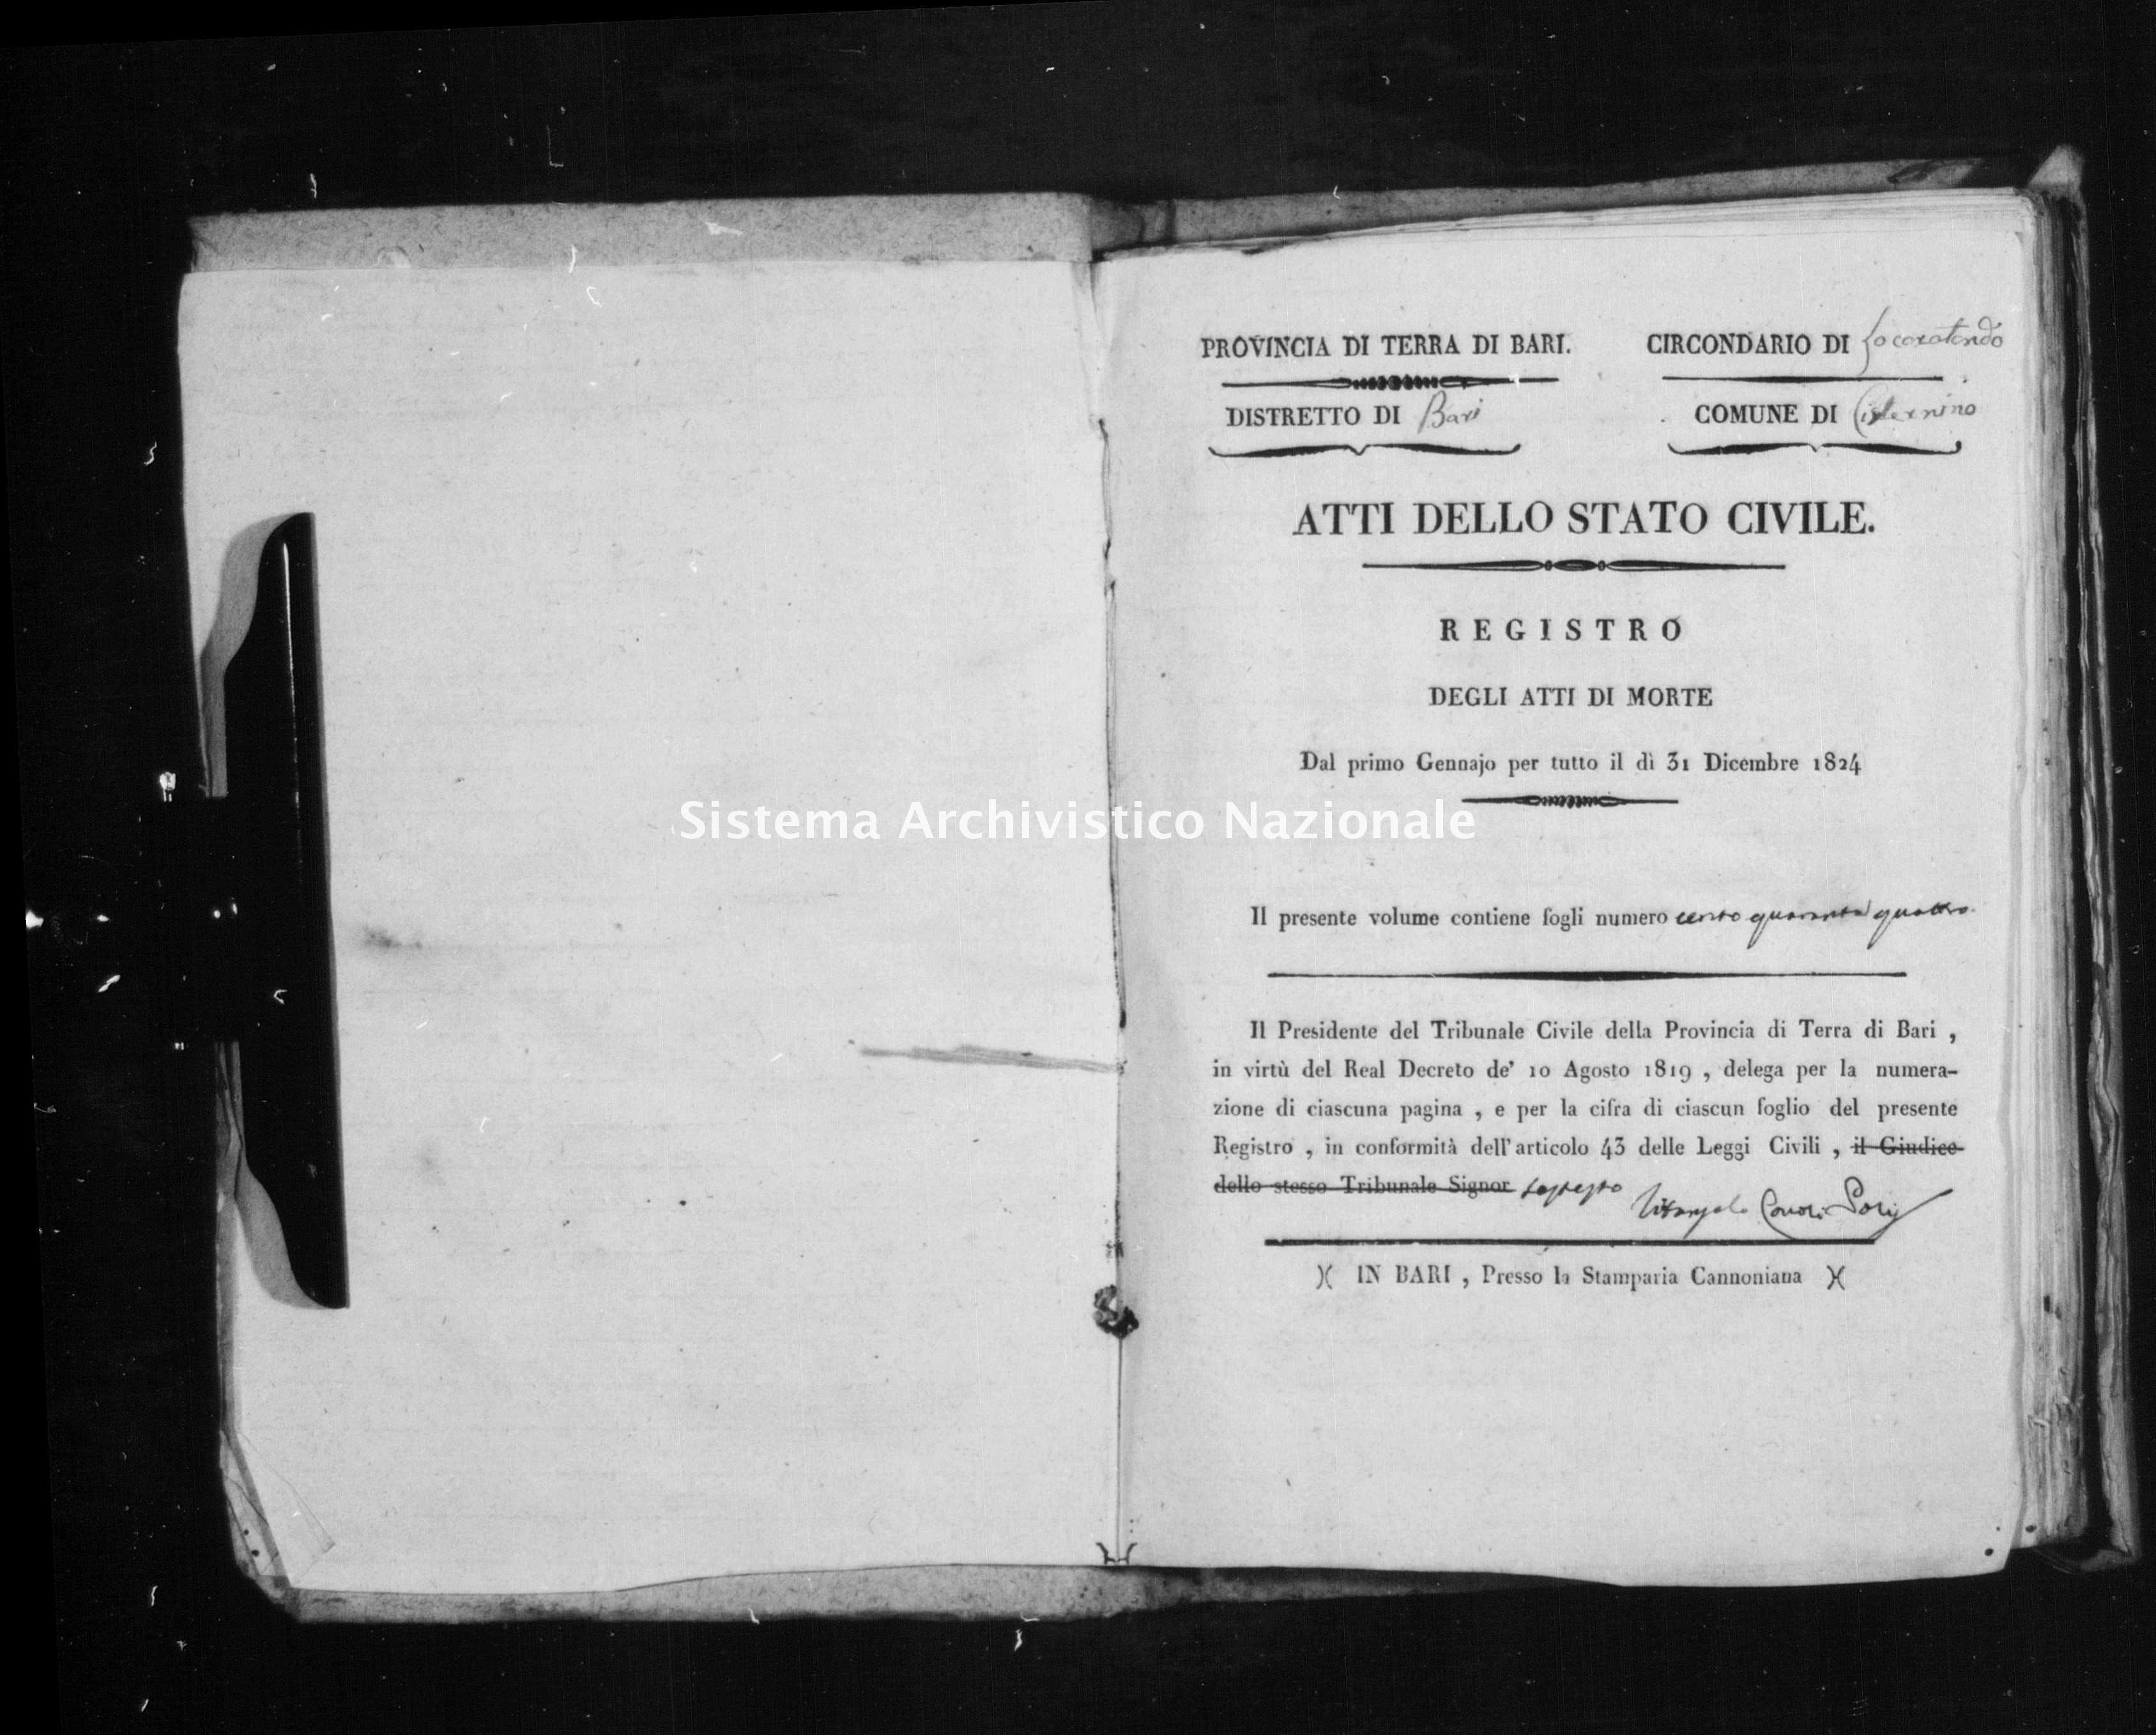 Archivio di stato di Bari - Stato civile della restaurazione - Cisternino - Morti - 1824 -